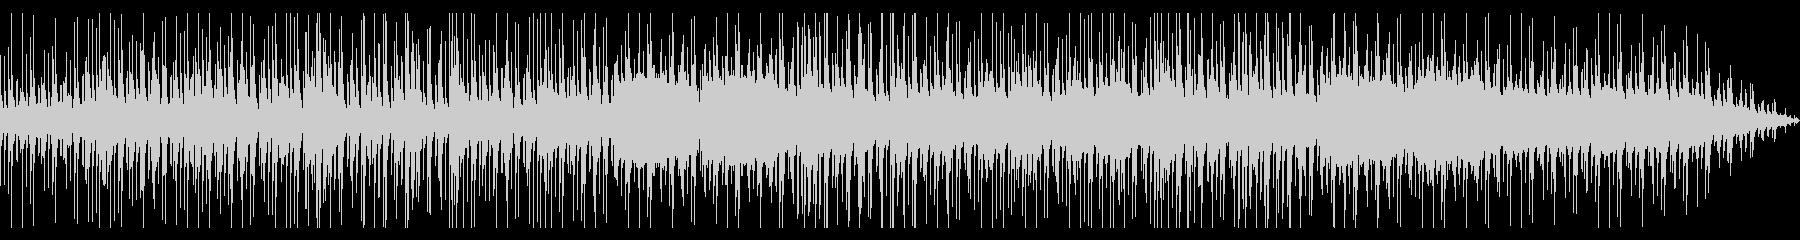 トルコ音楽風インストの未再生の波形